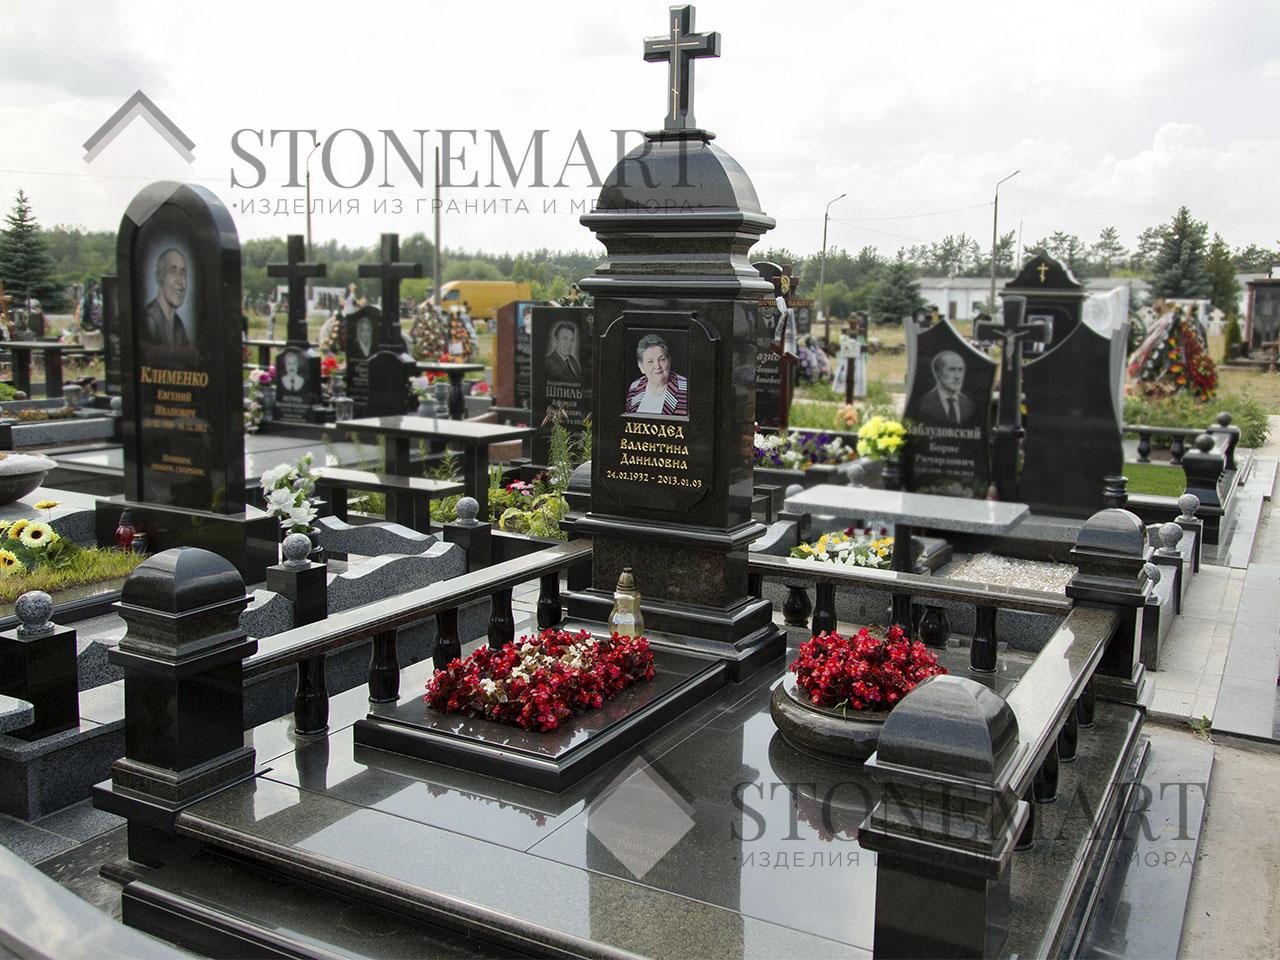 Памятник из гранита №4. Изготовлен мастерами компании Stonemart из гранита украинского месторождения.